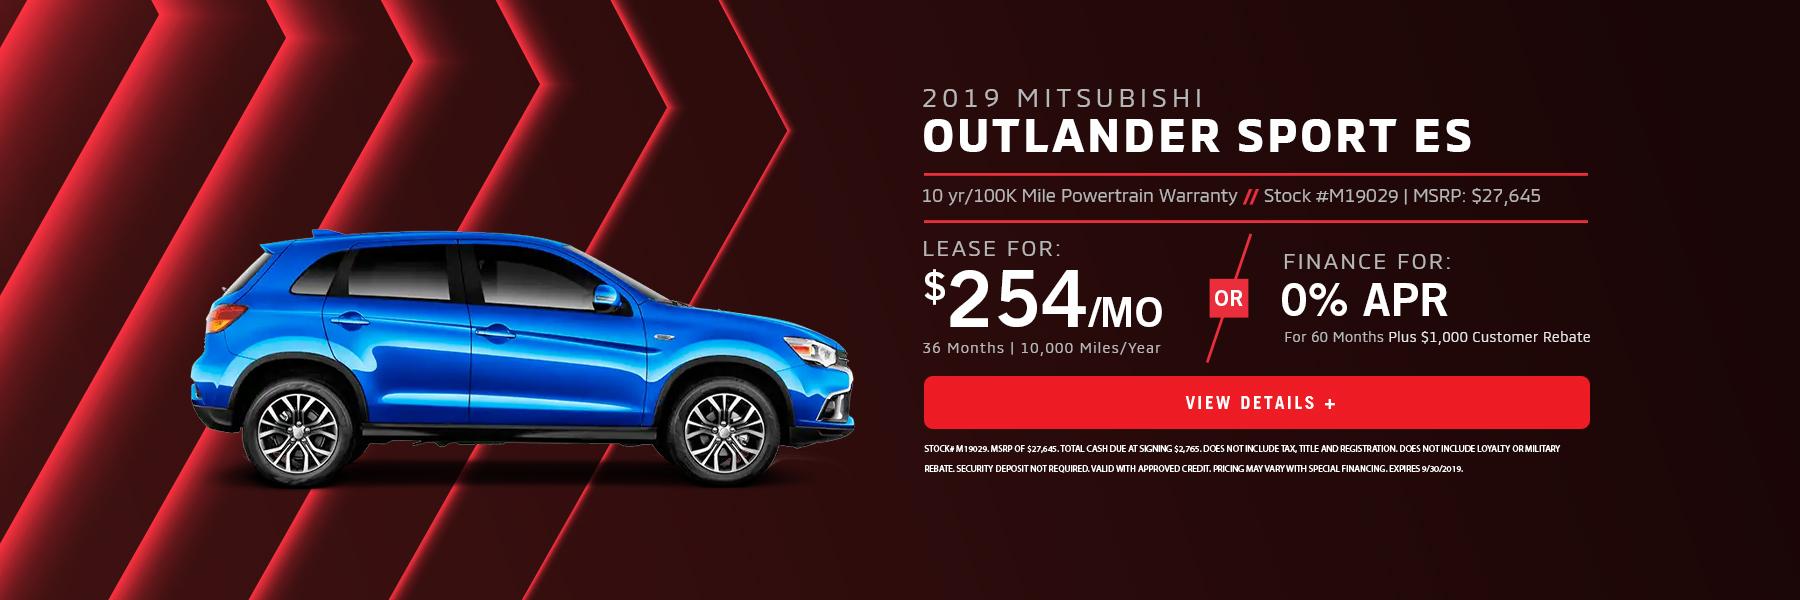 Outlander Sport 0% Financing